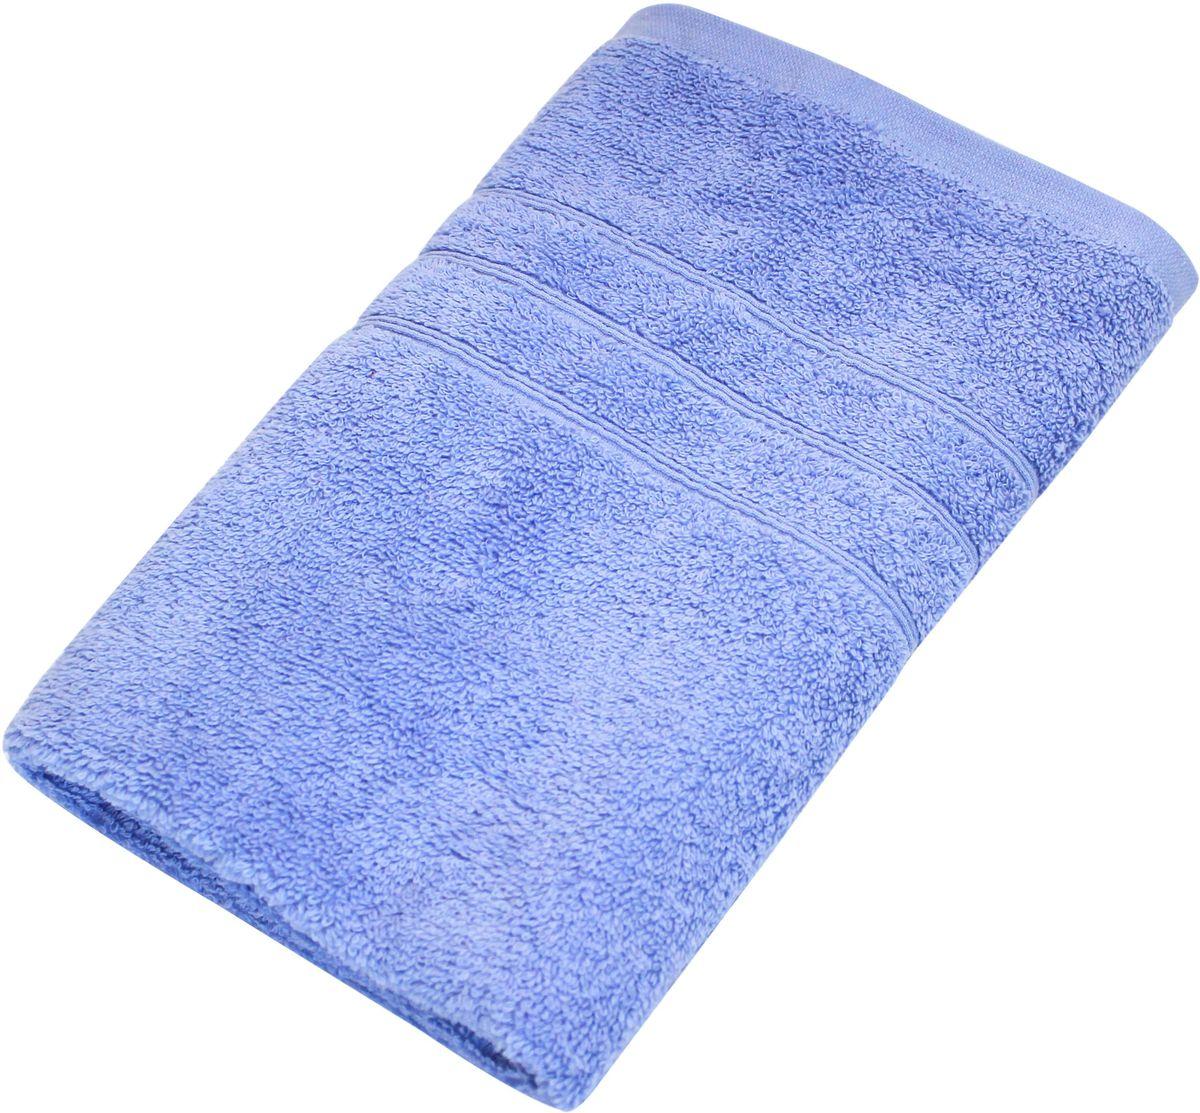 Полотенце Proffi Home Модерн, цвет: голубой, 50x100 смPH3268Состав: 100% хлопок.